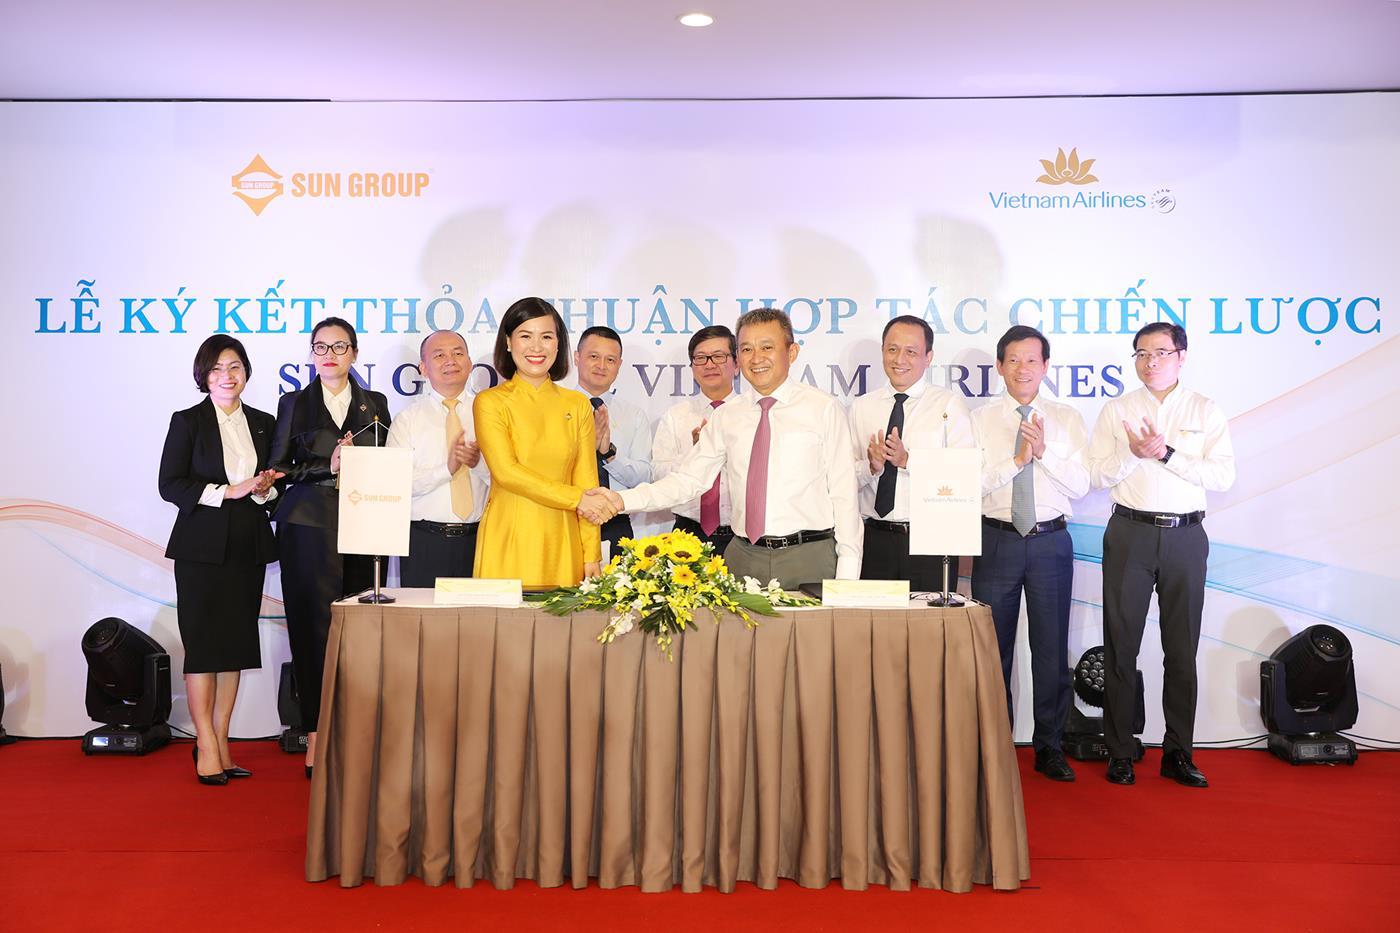 Sun Group ký kết hợp tác chiến lược cùng Vietnam Airlines, phát triển nhiều sản phẩm mới  - Ảnh 1